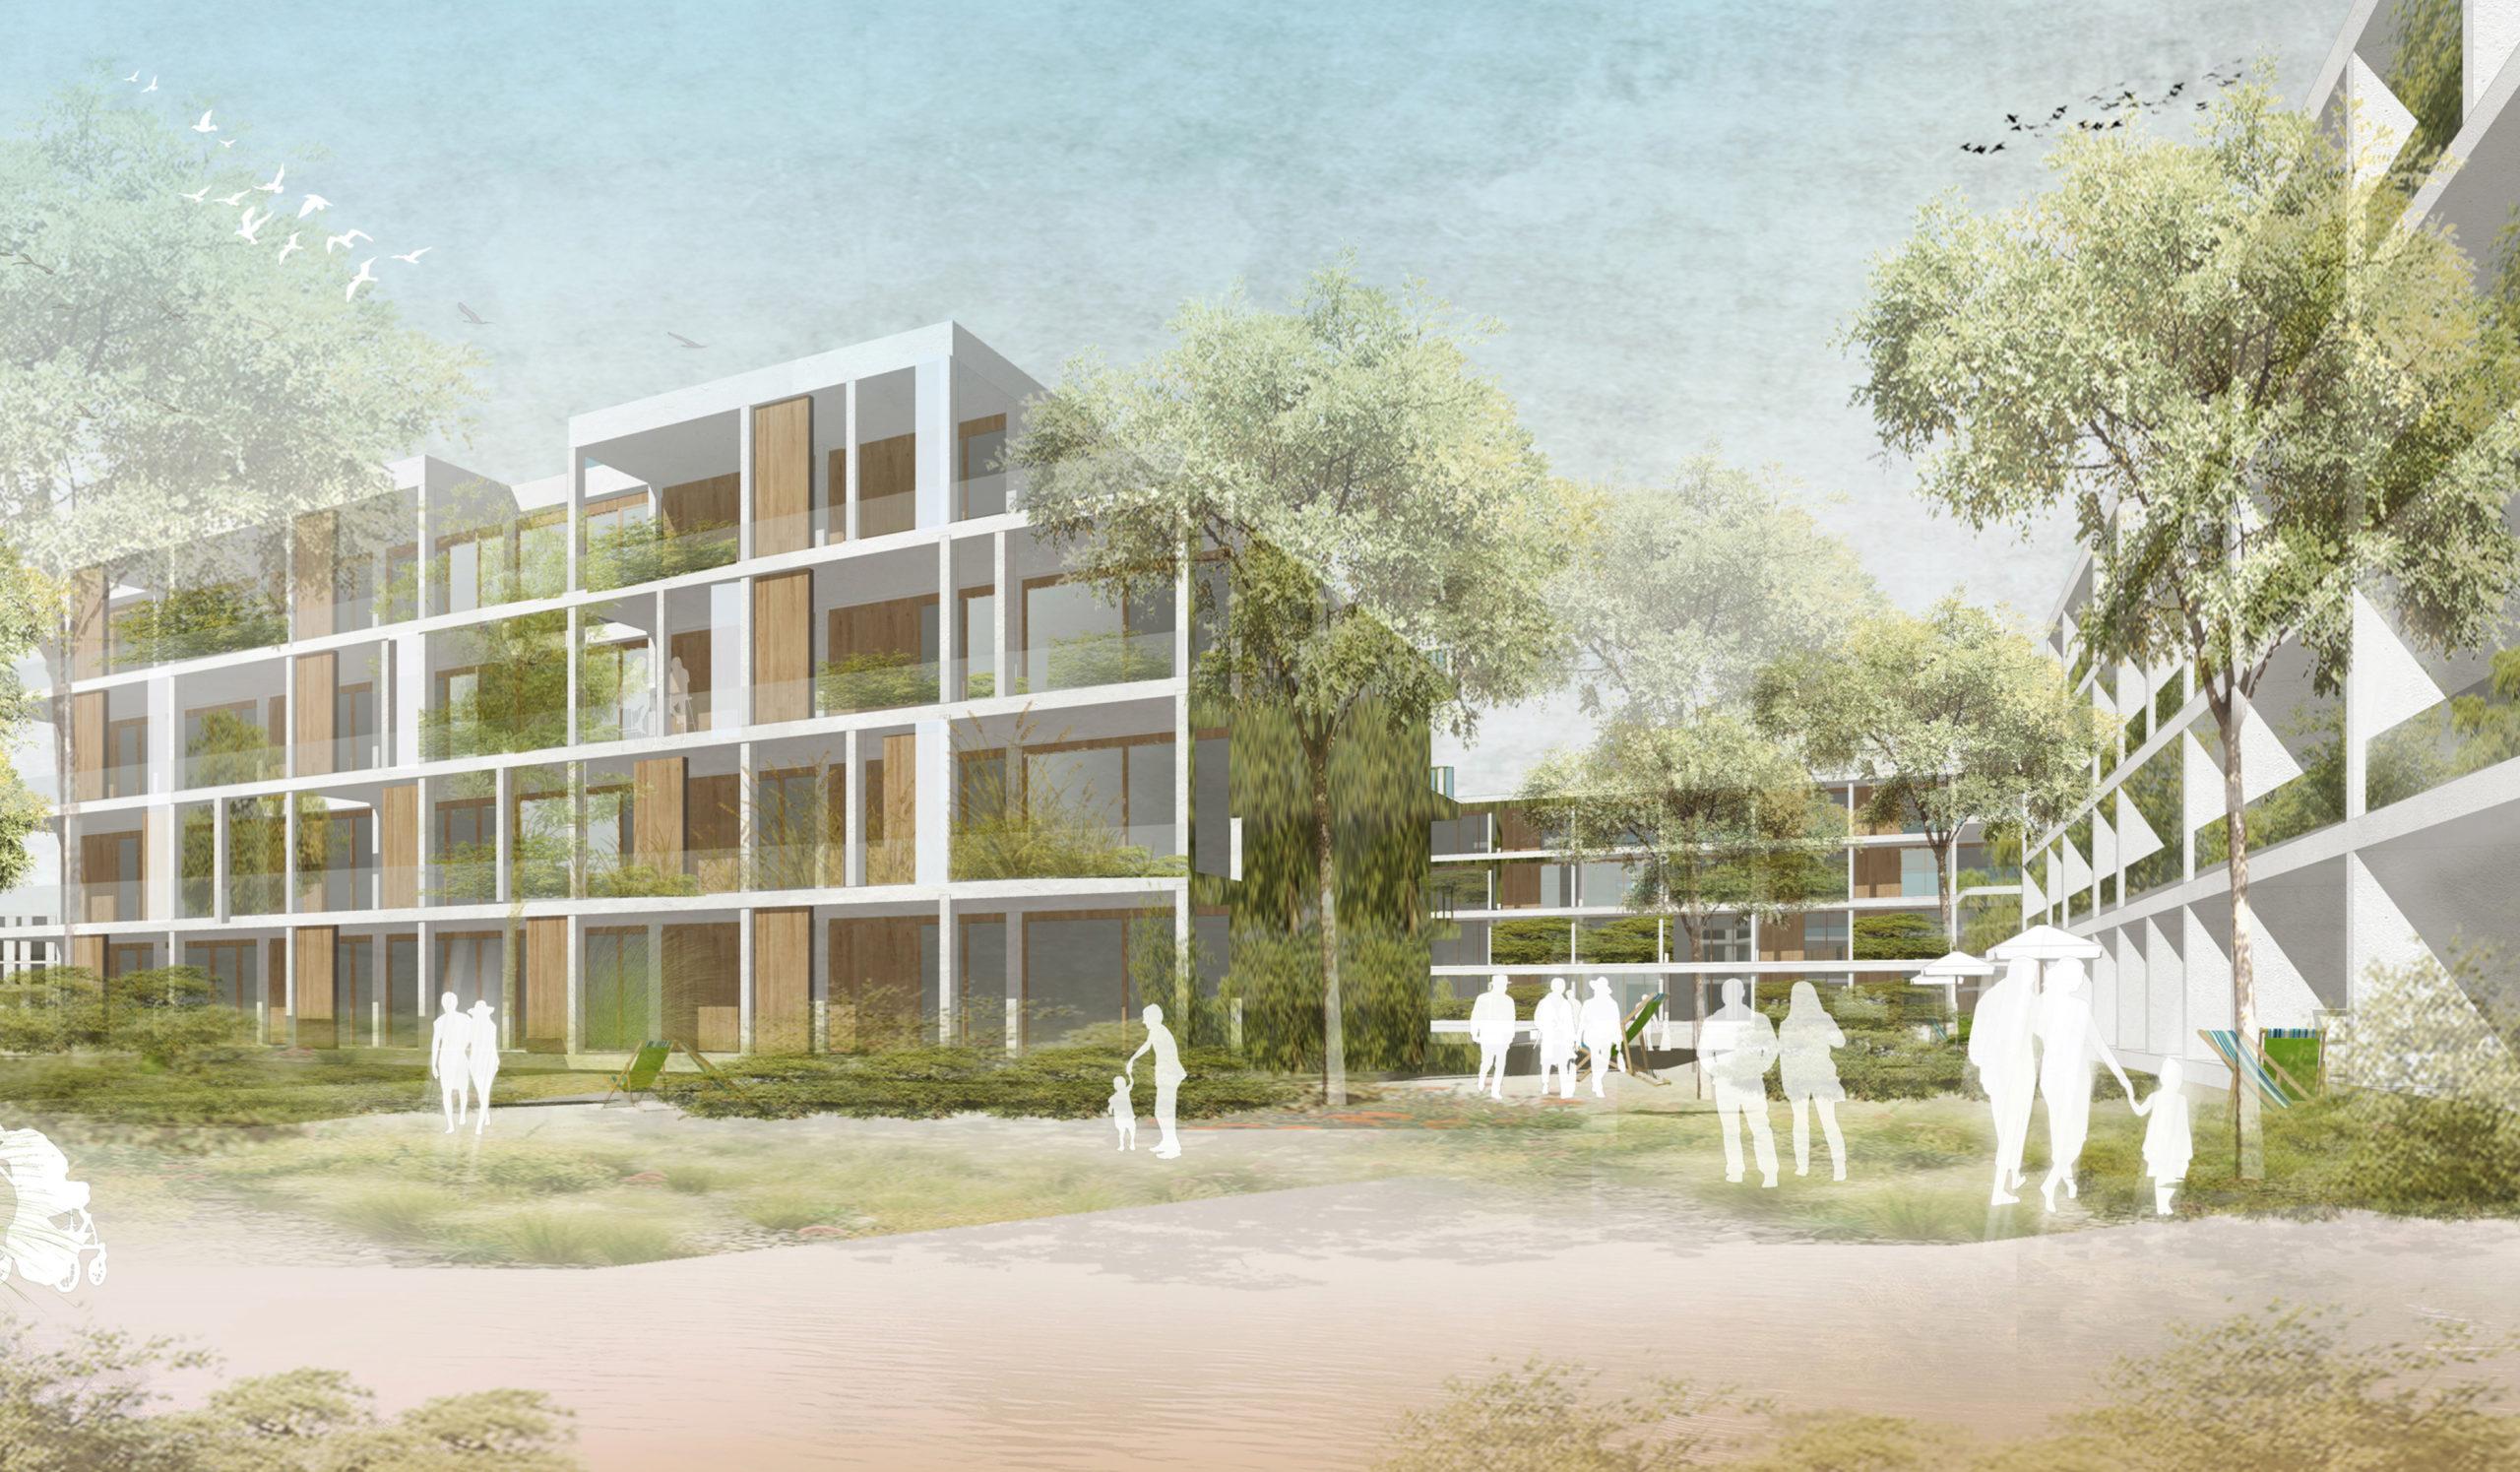 Perspektive Wettbewerb Adlerstraße Ost in Wernau von Bitsch+Bienstein Architekten